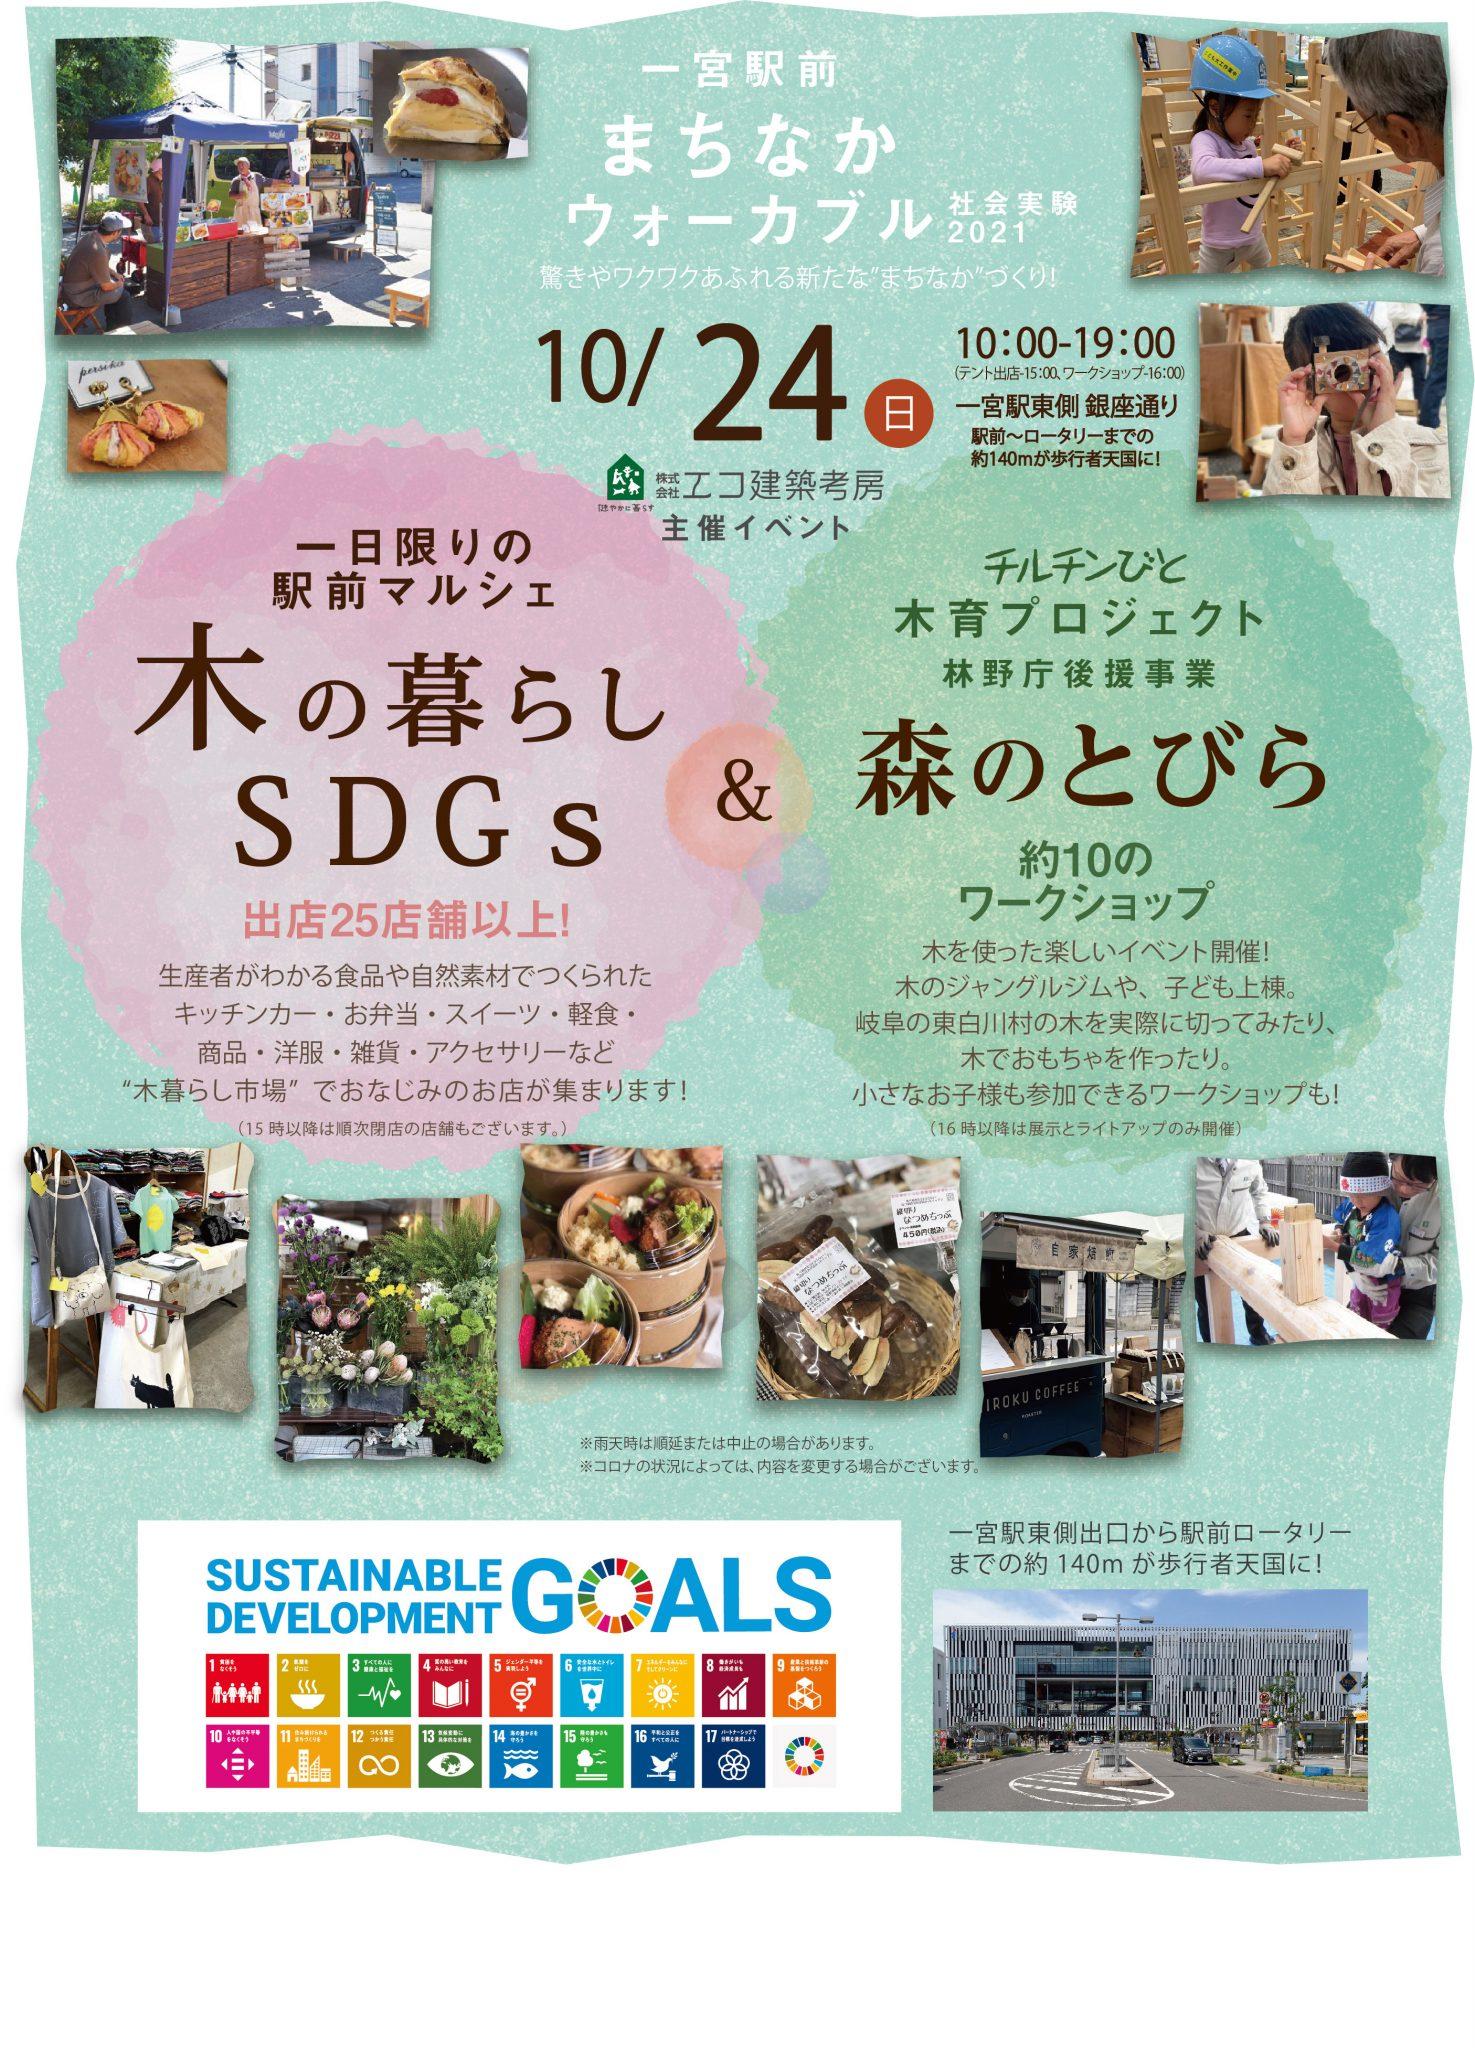 一宮駅前で開催するイベント『木の暮らしSDGs&森のとびら』